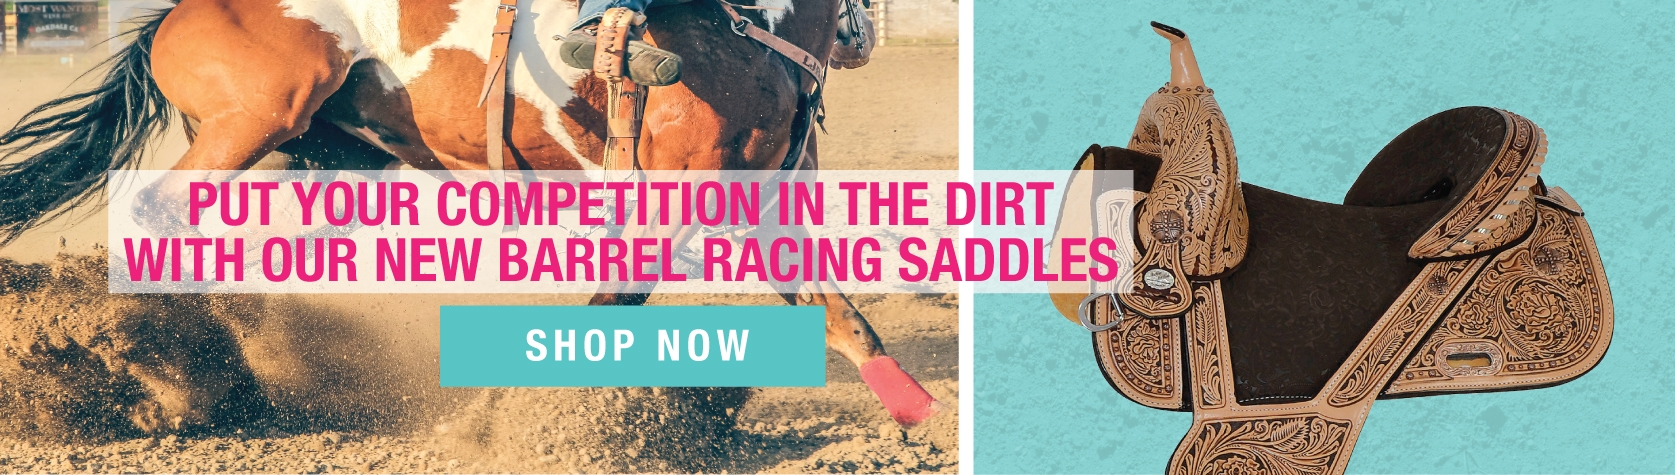 Barrel Racing Saddles